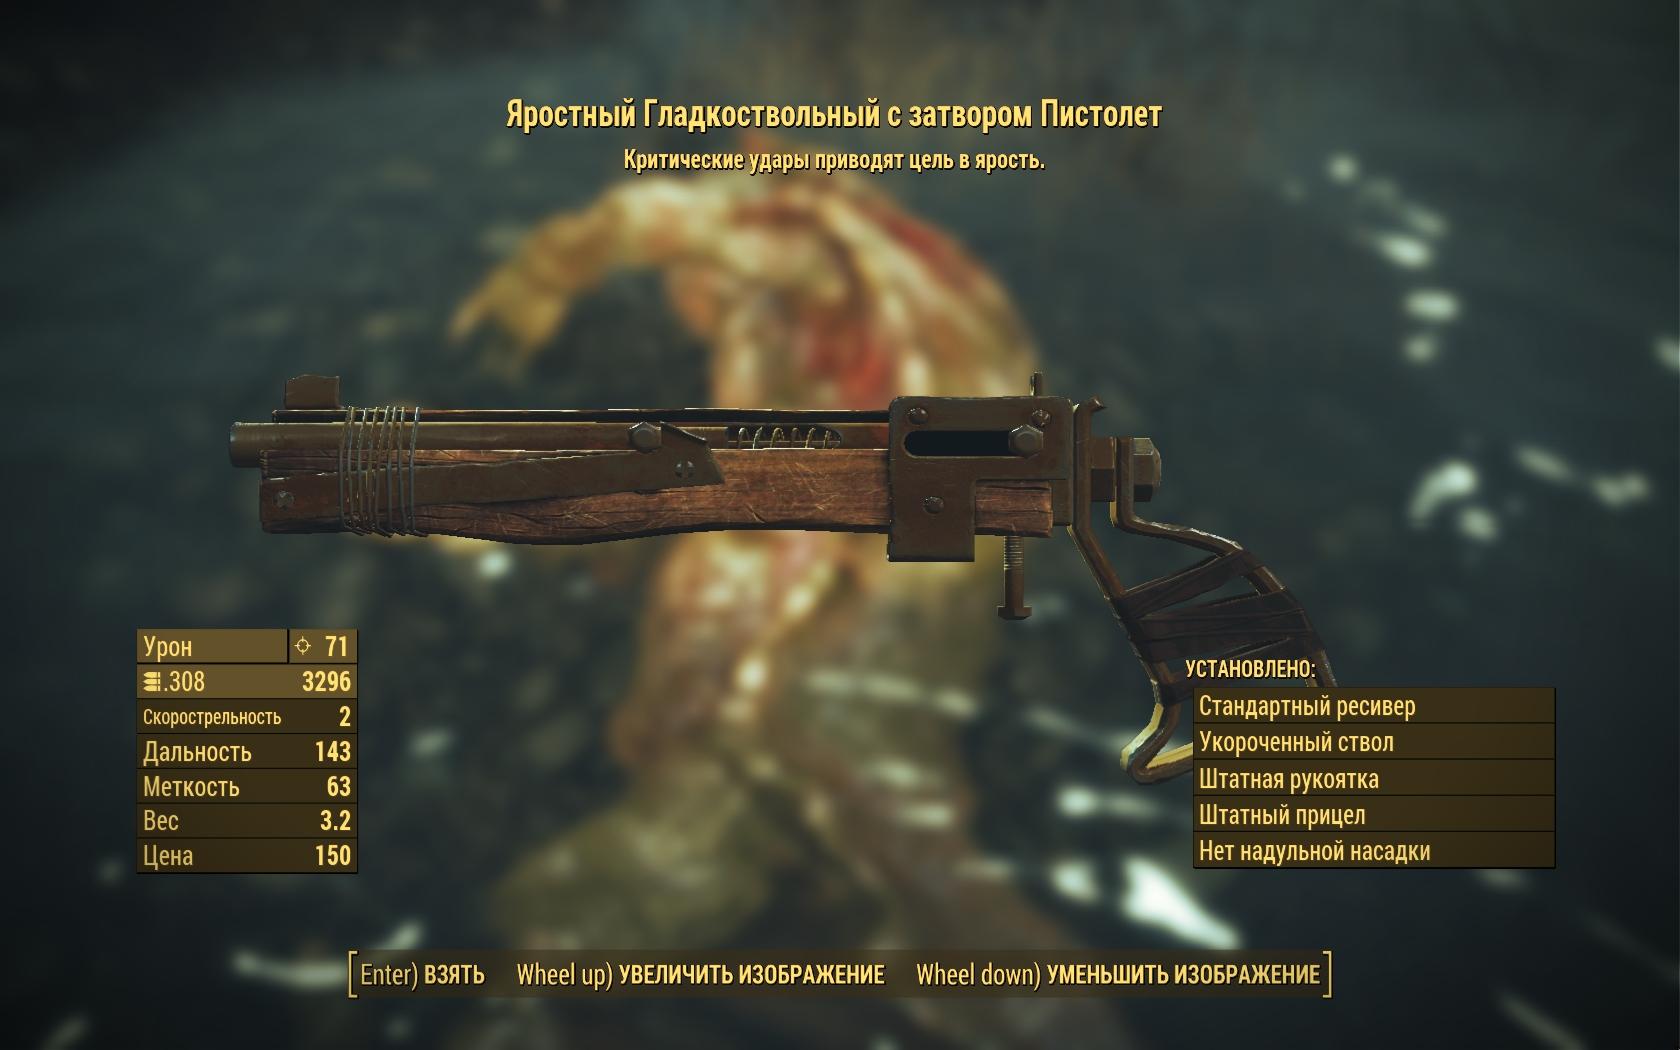 Яростный гладкоствольный с затвором пистолет - Fallout 4 гладкоствольный, Оружие, Яростный